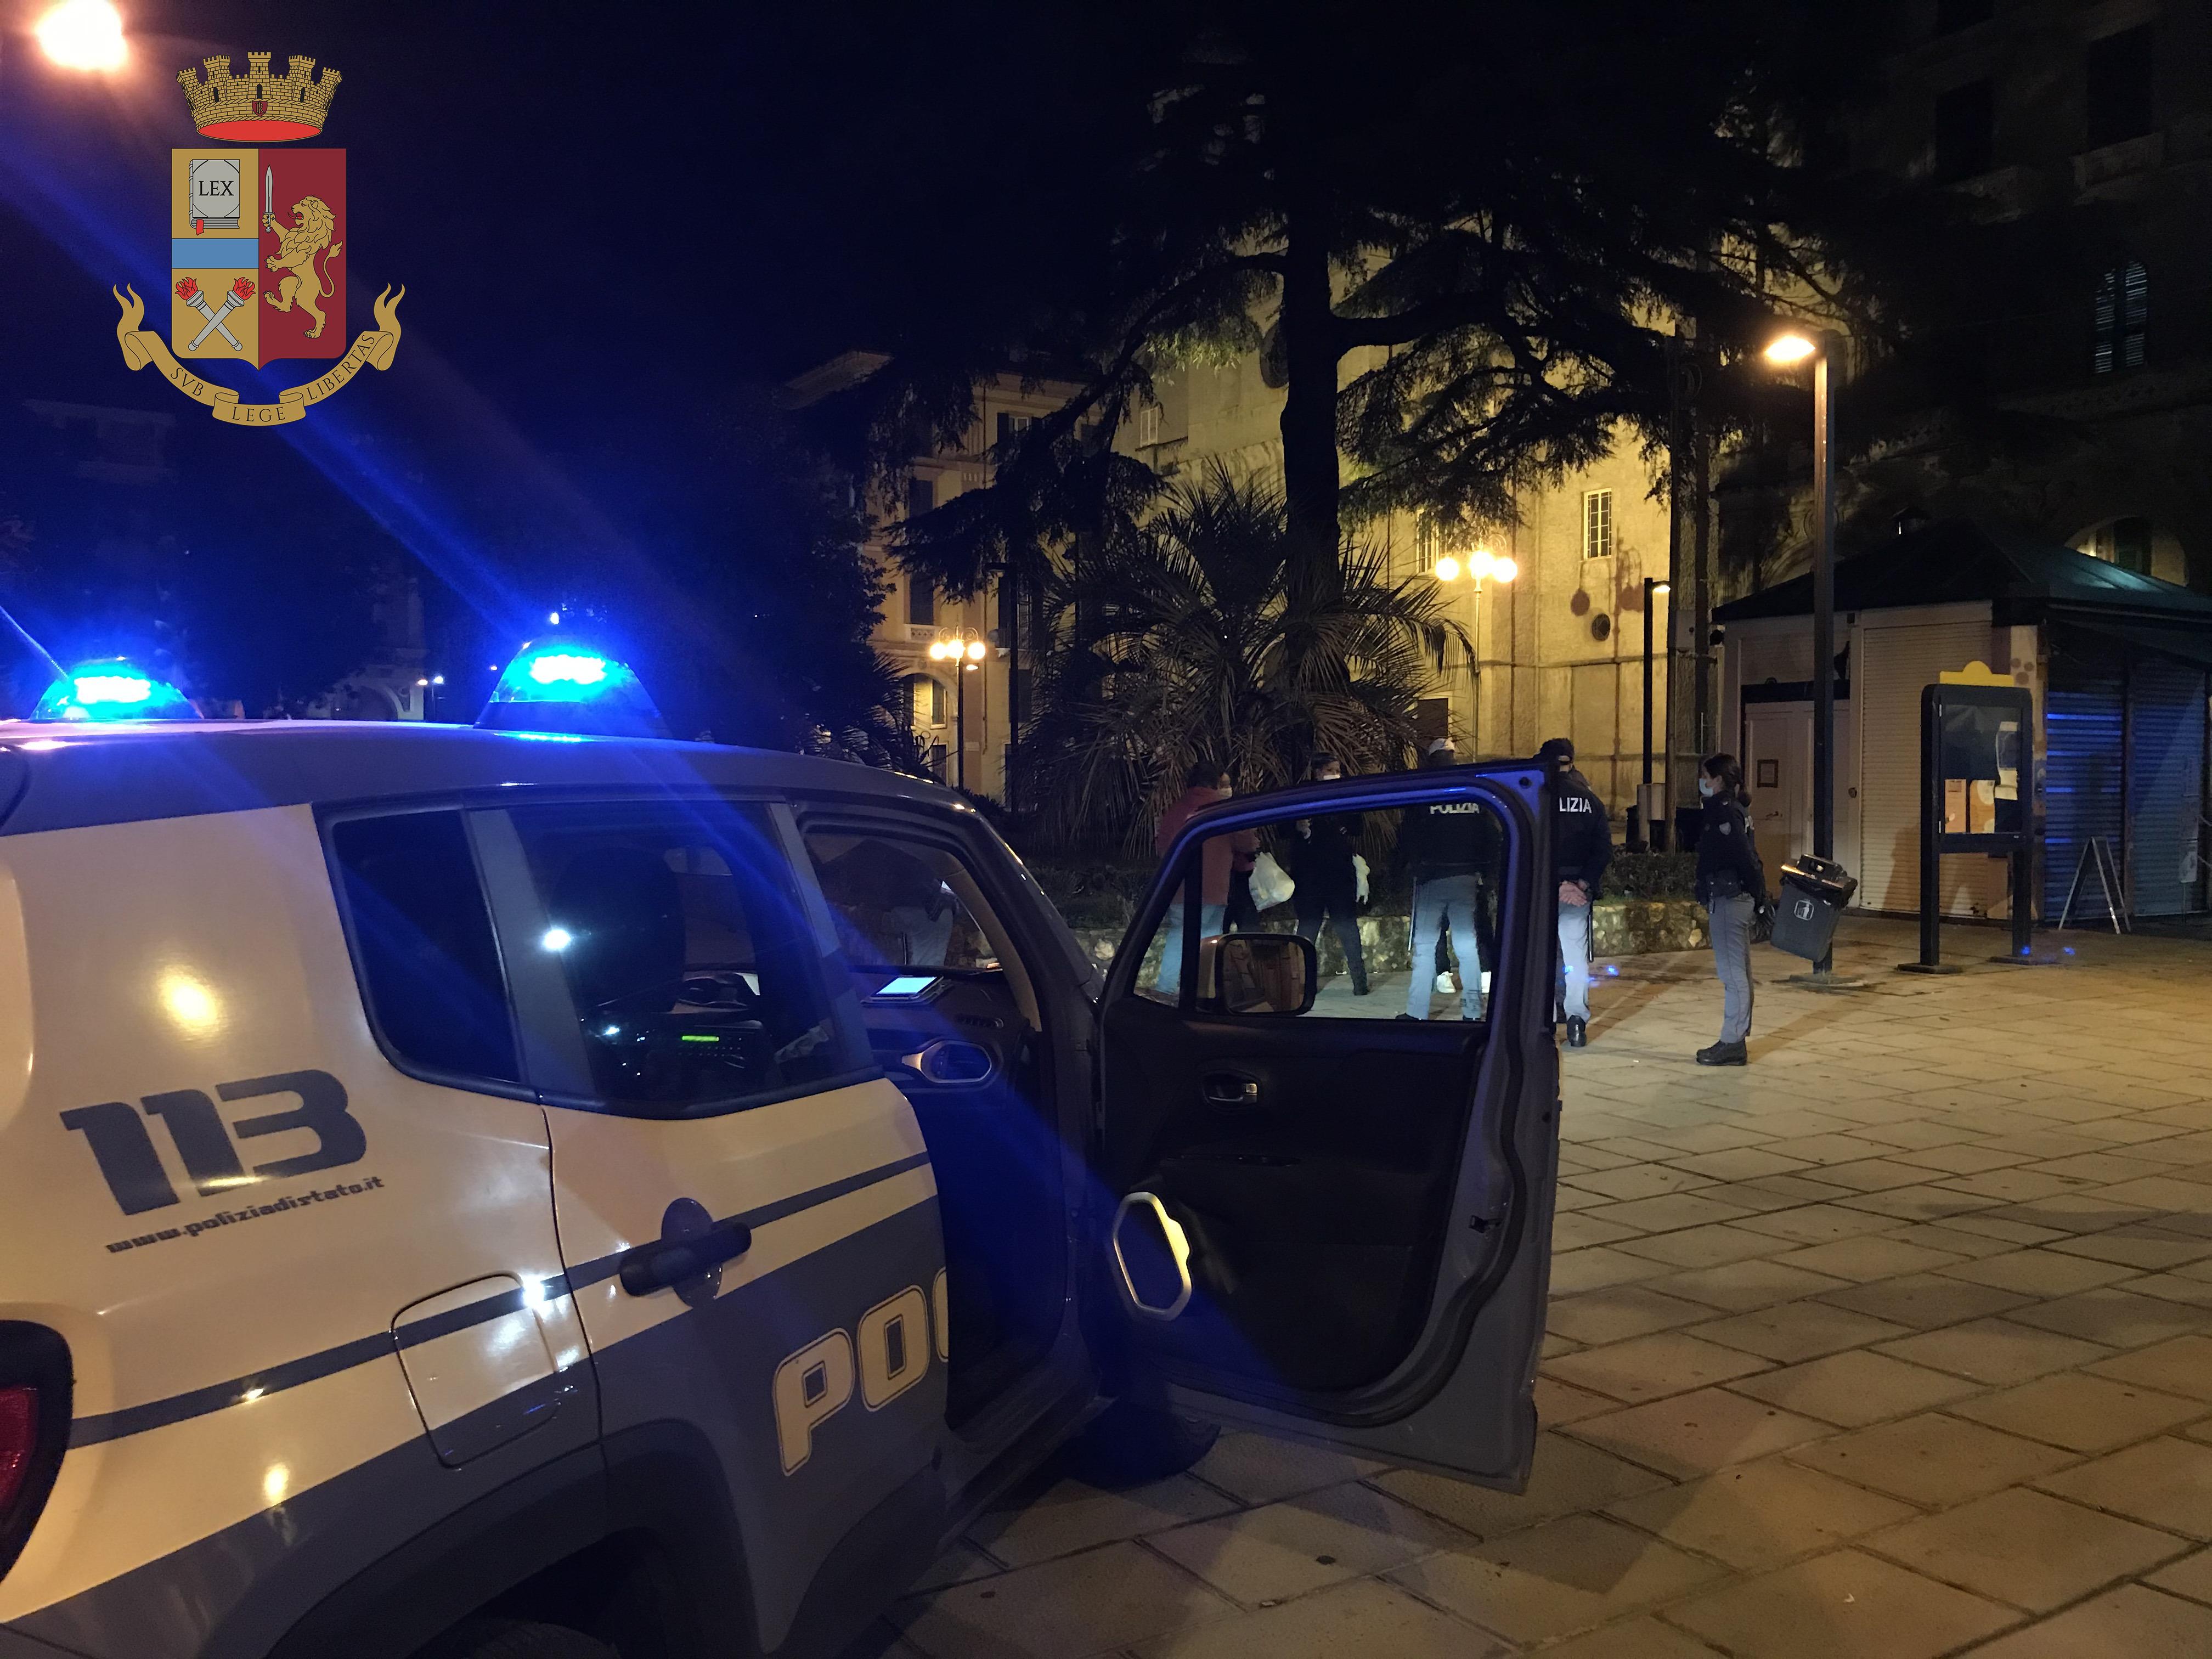 Polizia Di Stato Denunciato E Sanzionato Per Spaccio E Normativa Anticontagio All Umbertino